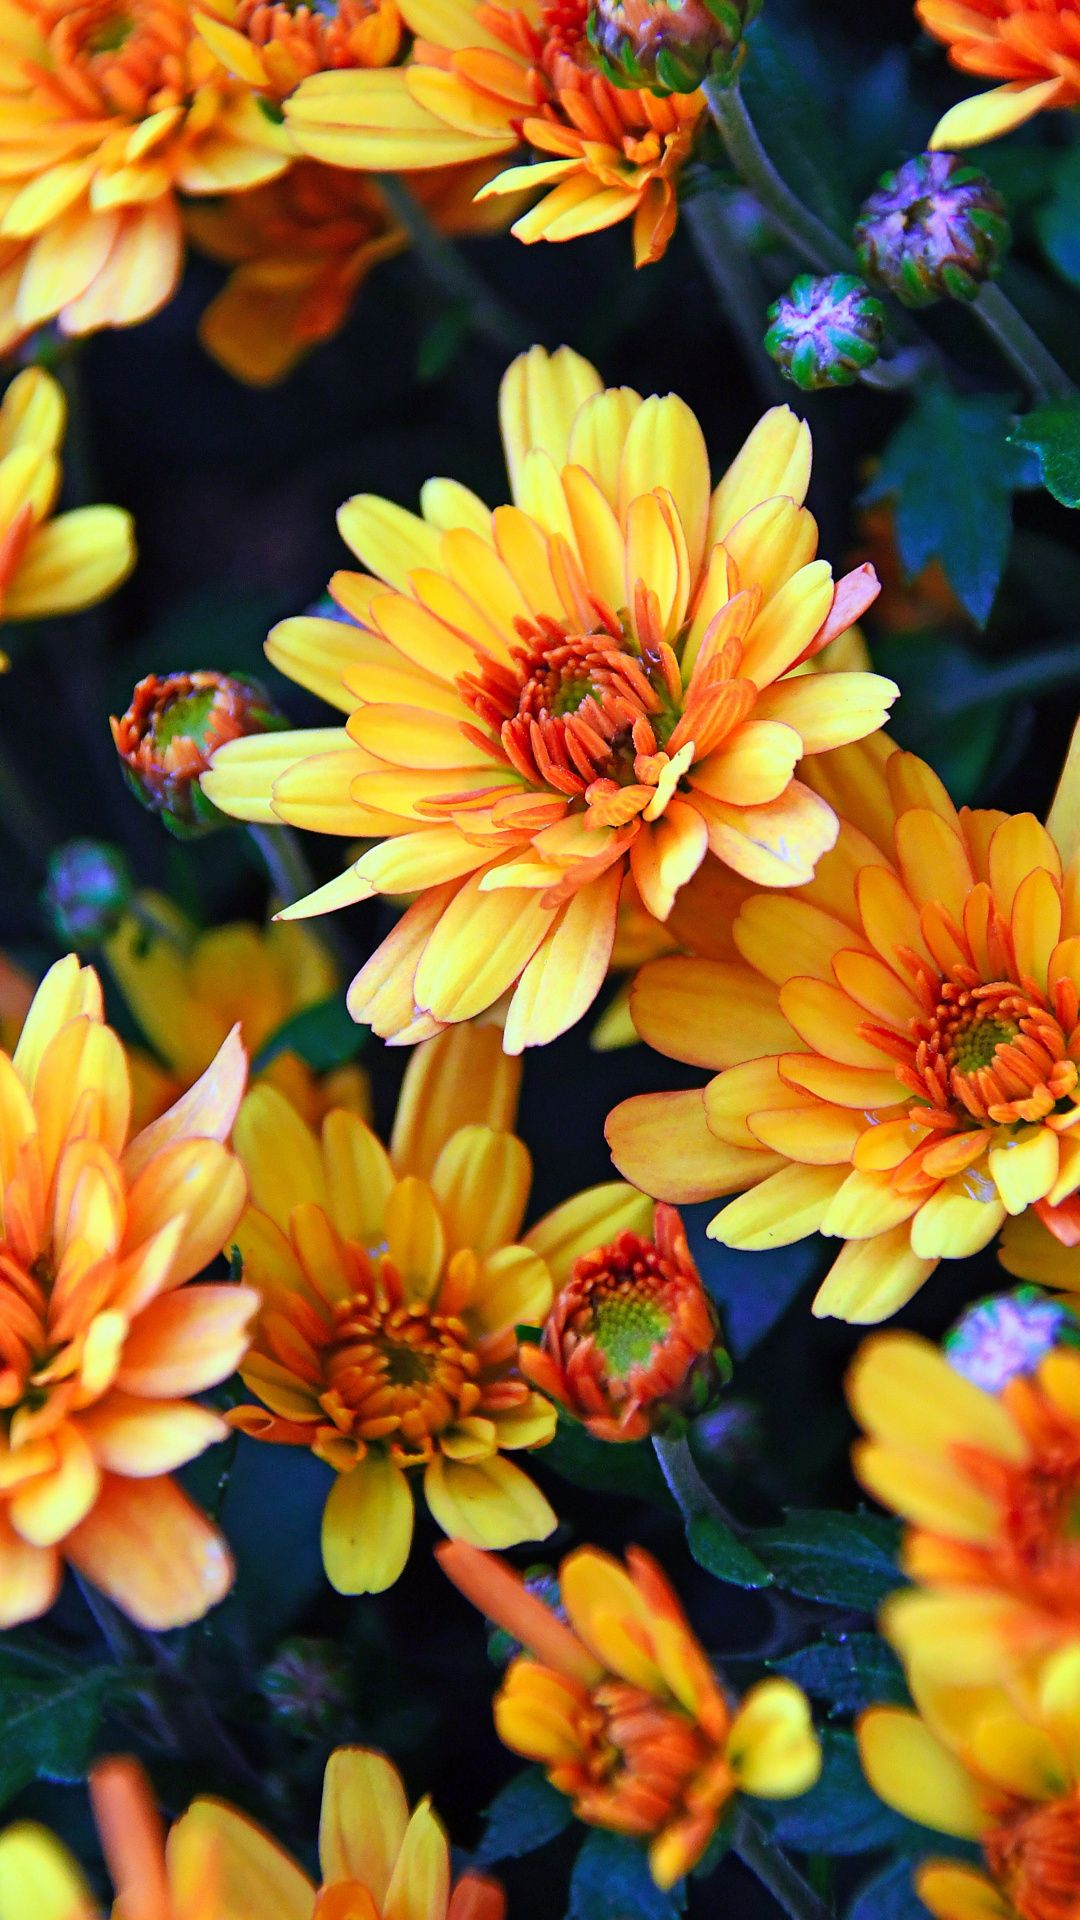 Autumn, yellow, flowers, chrysanthemum, 1080x1920